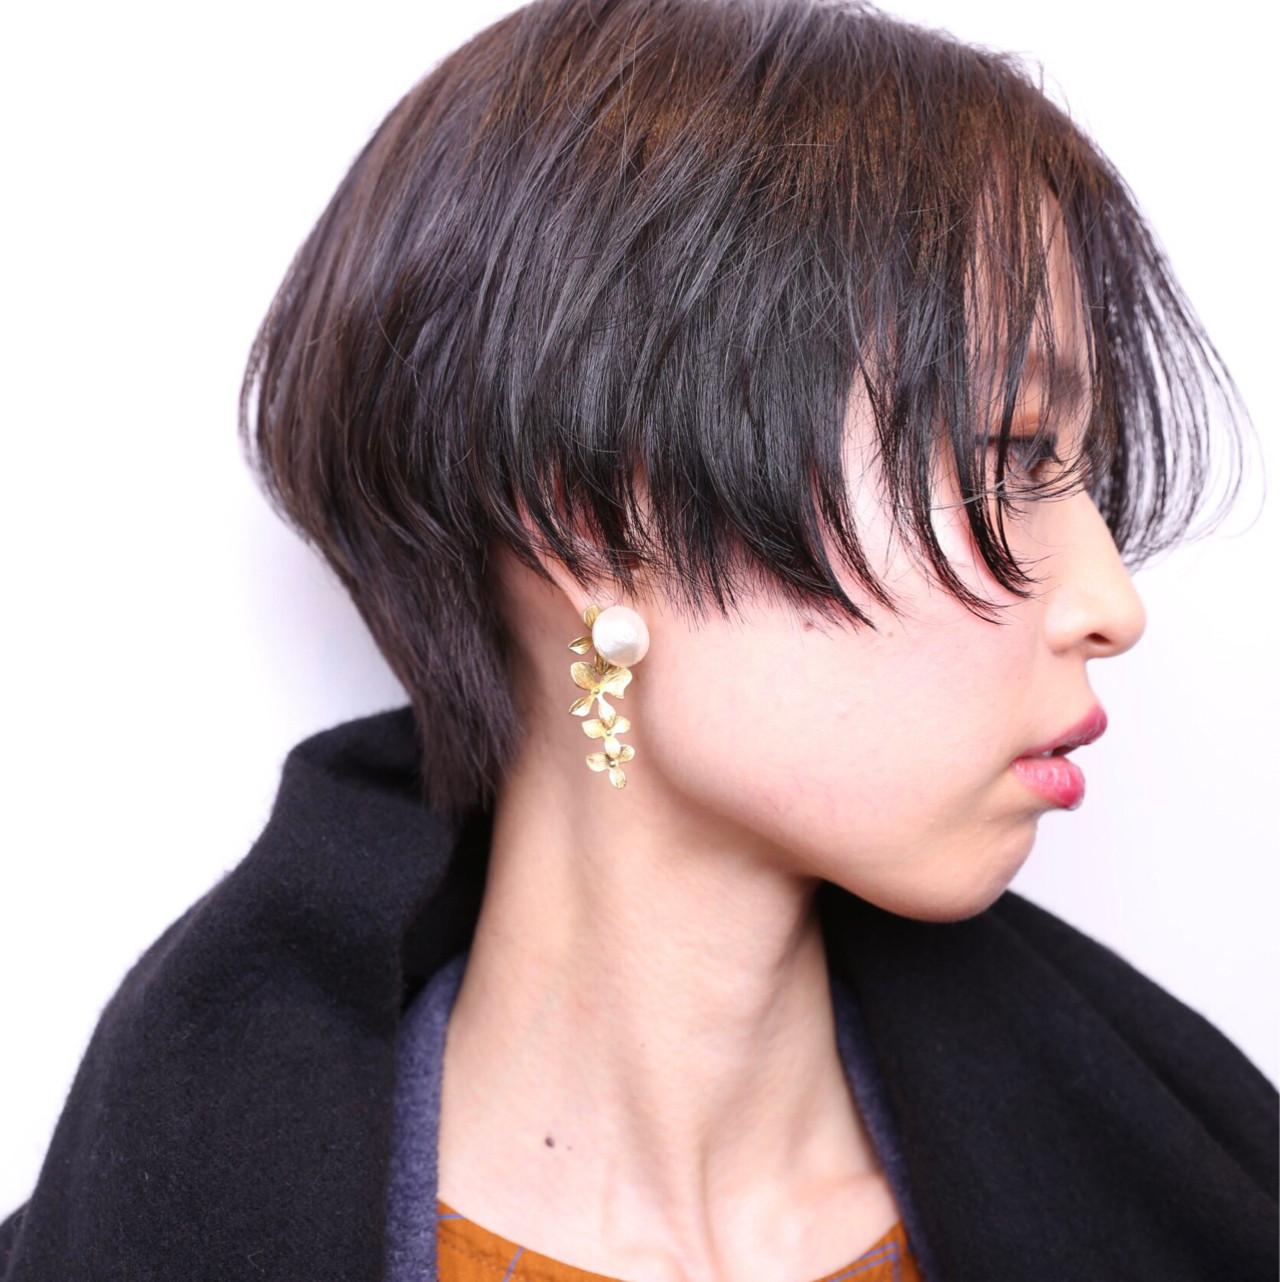 小顔 こなれ感 ショート 前下がり ヘアスタイルや髪型の写真・画像 | 藤山将太 / ROSTAR